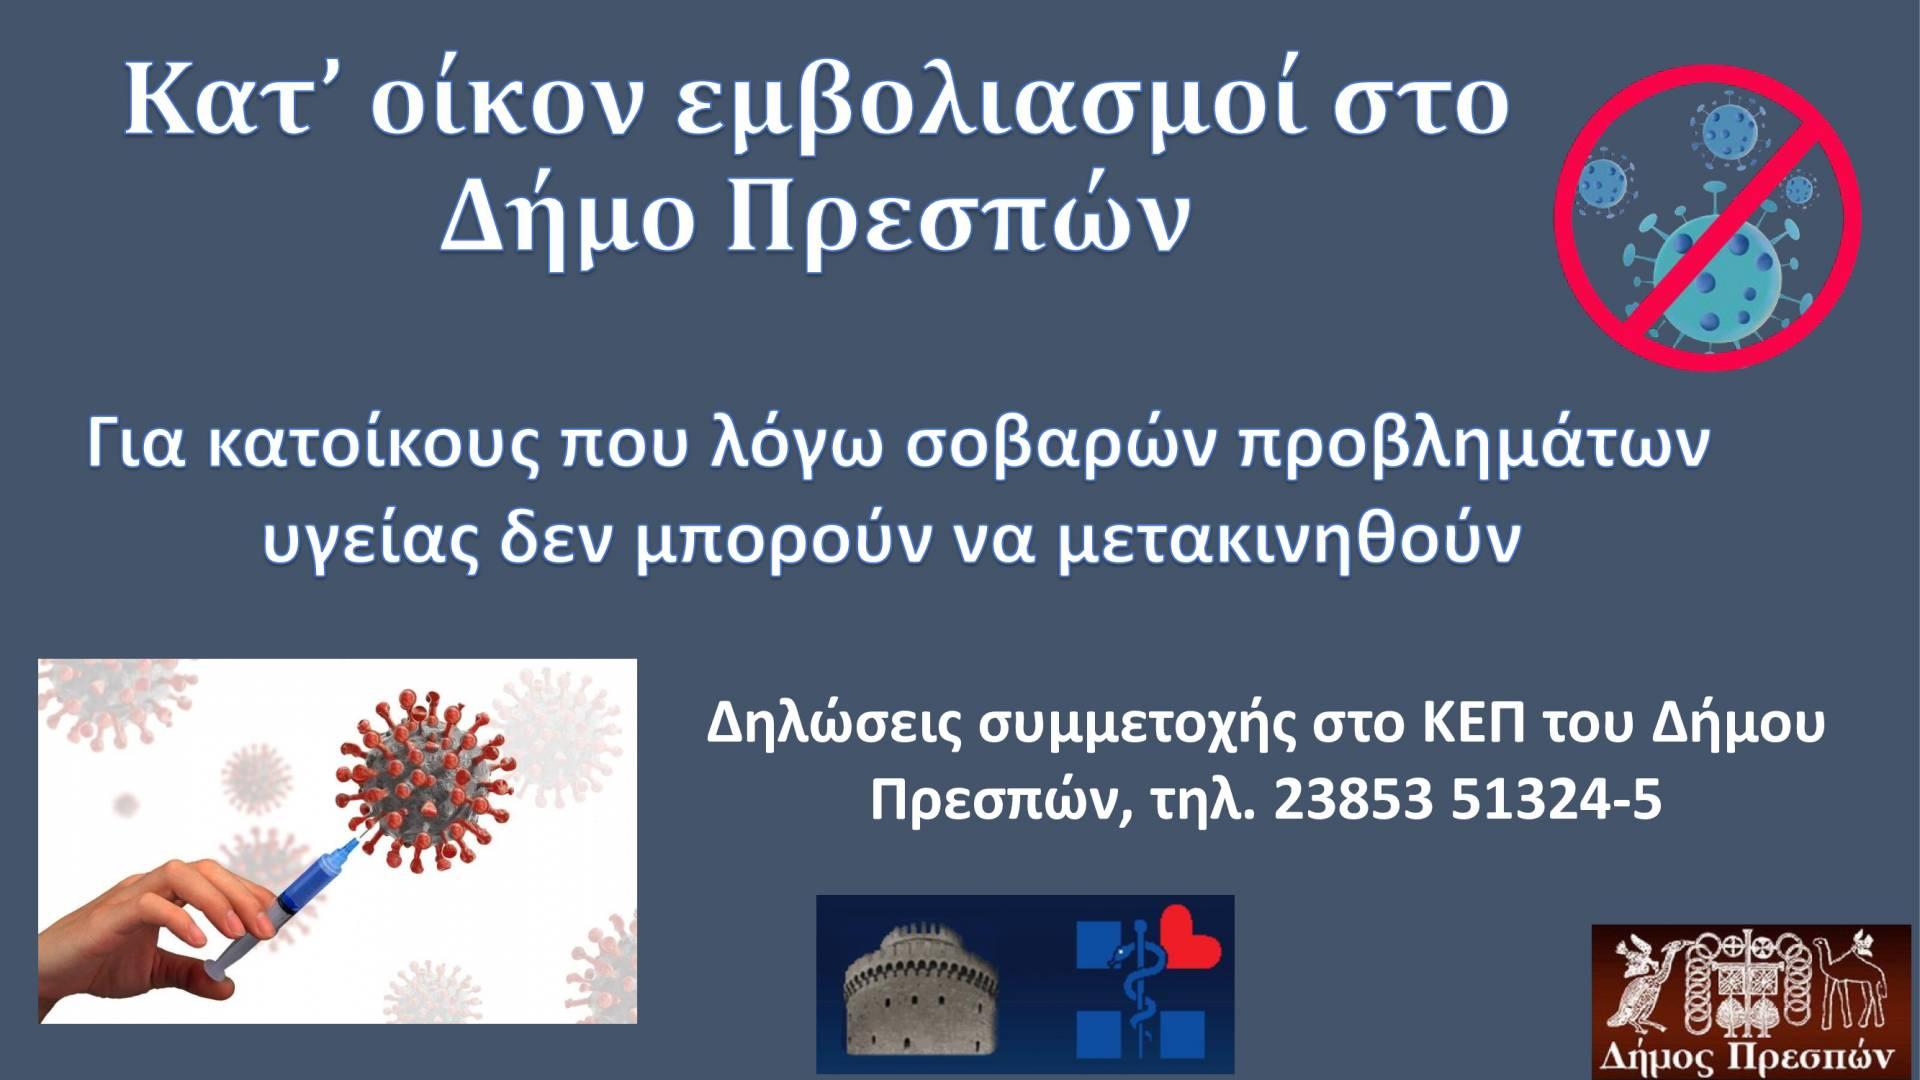 Εμβολιασμός κατ'οίκον στις Πρέσπες σε συνεργασία με την 3ηΥγειονομική Περιφέρεια Μακεδονίας